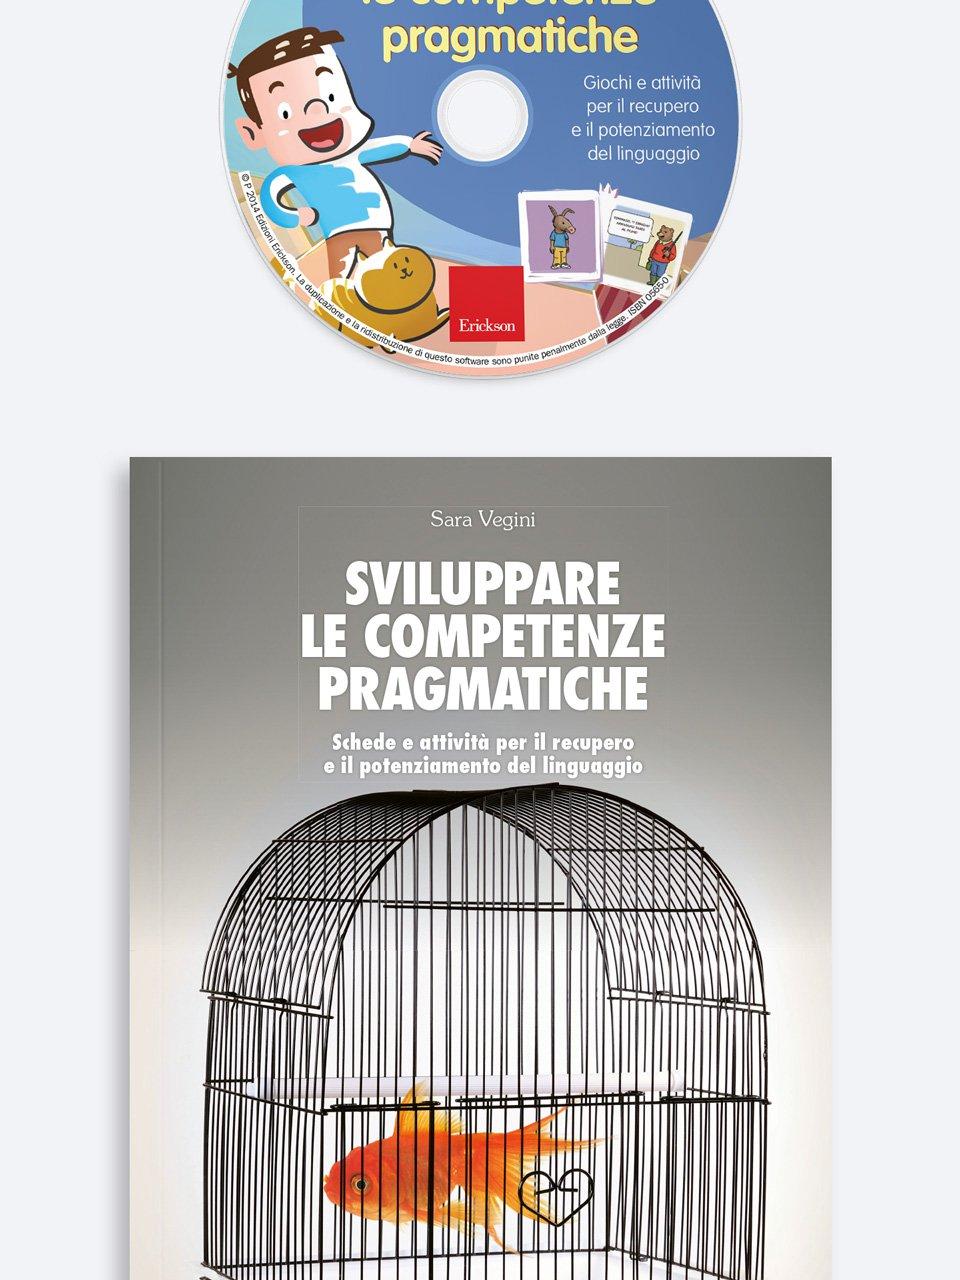 Sviluppare le competenze pragmatiche - Volume 1 - Libri - App e software - Erickson 7